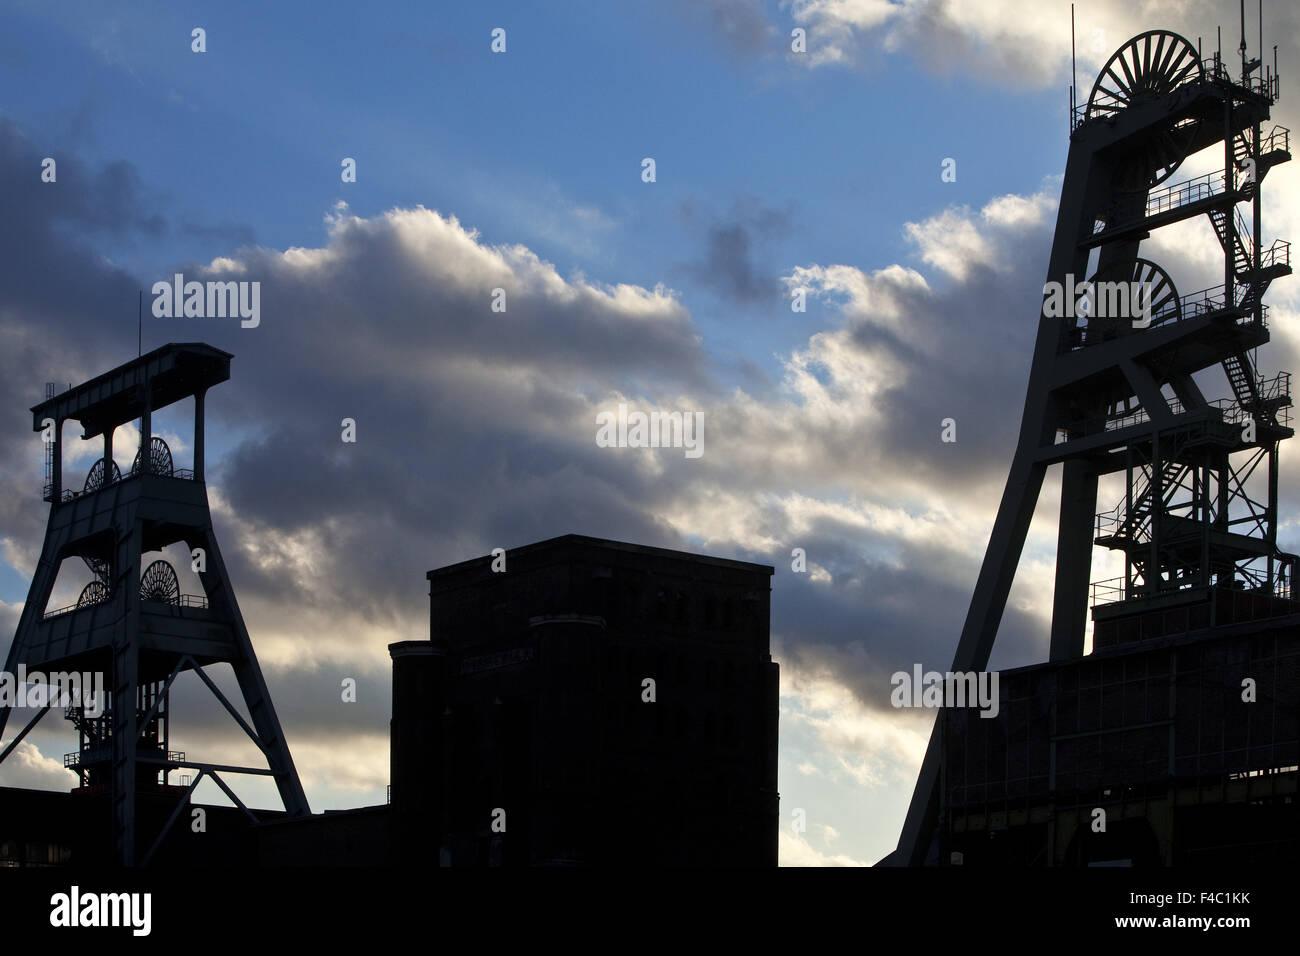 La mine de Headframes Ewald, Herten, Allemagne Banque D'Images